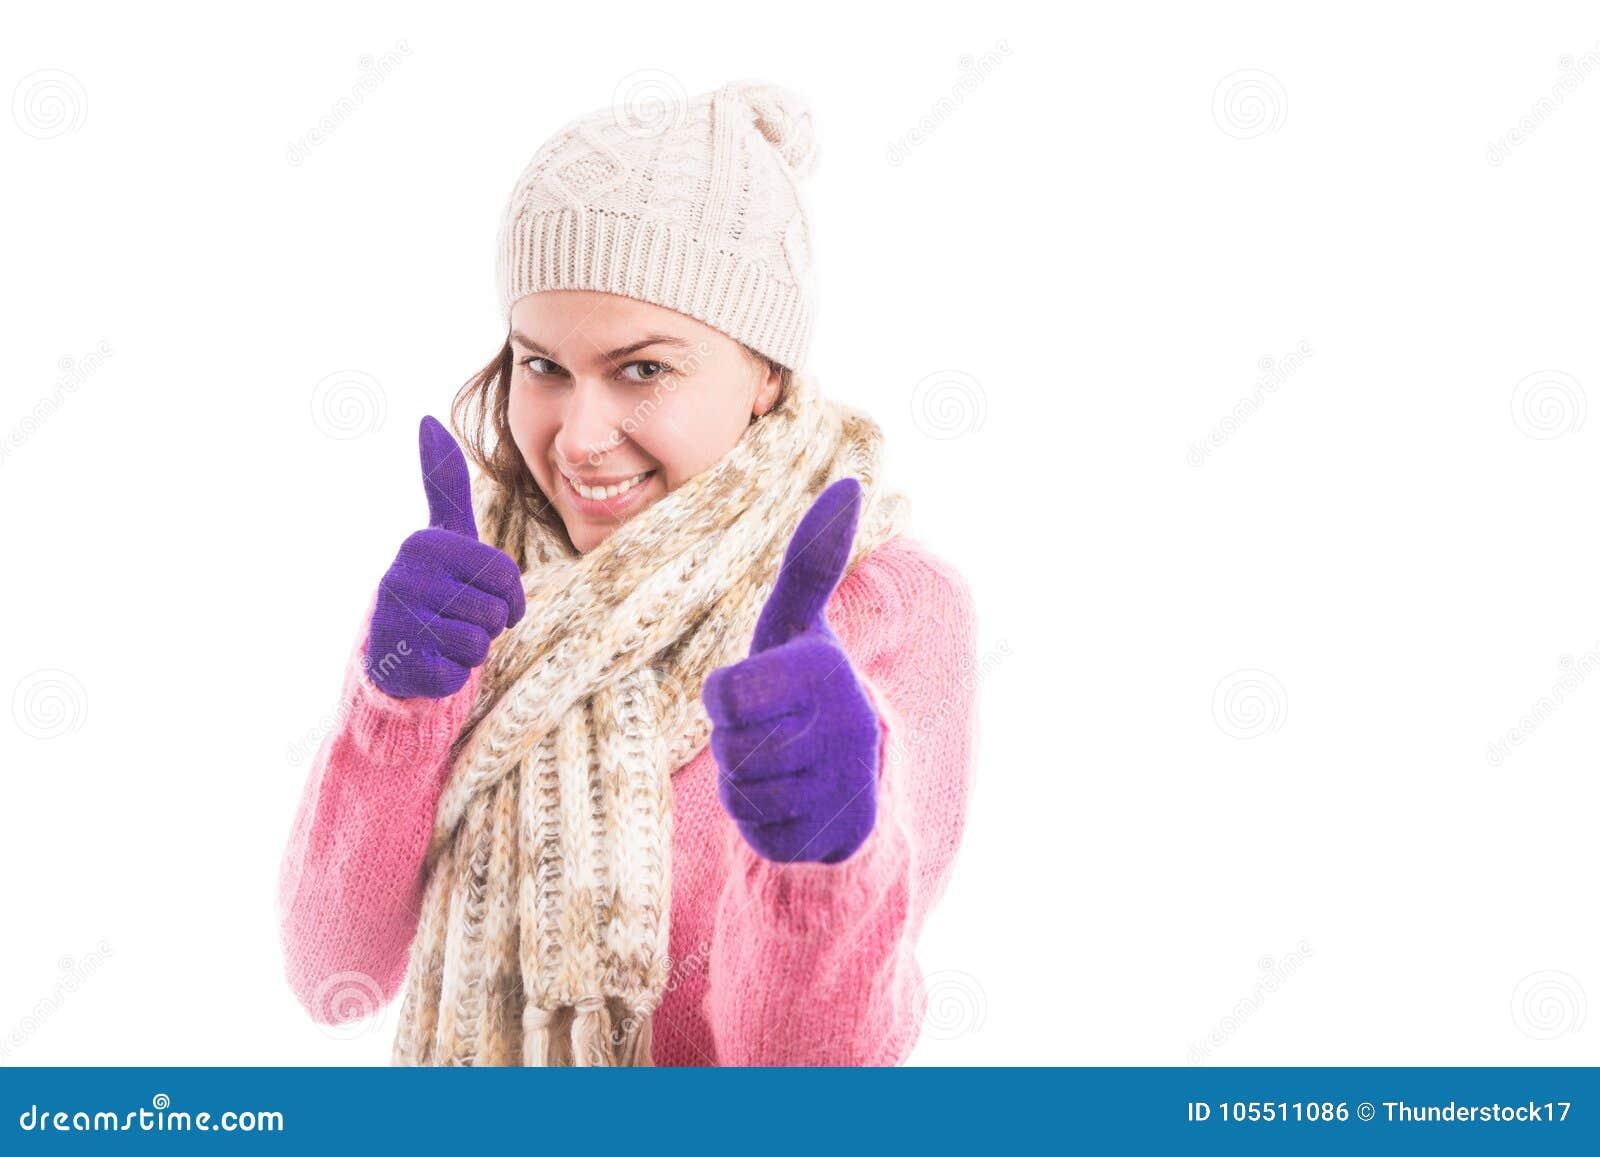 Beklär den stack bärande slags tvåsittssoffa för den unga kvinnan visningdubblett som